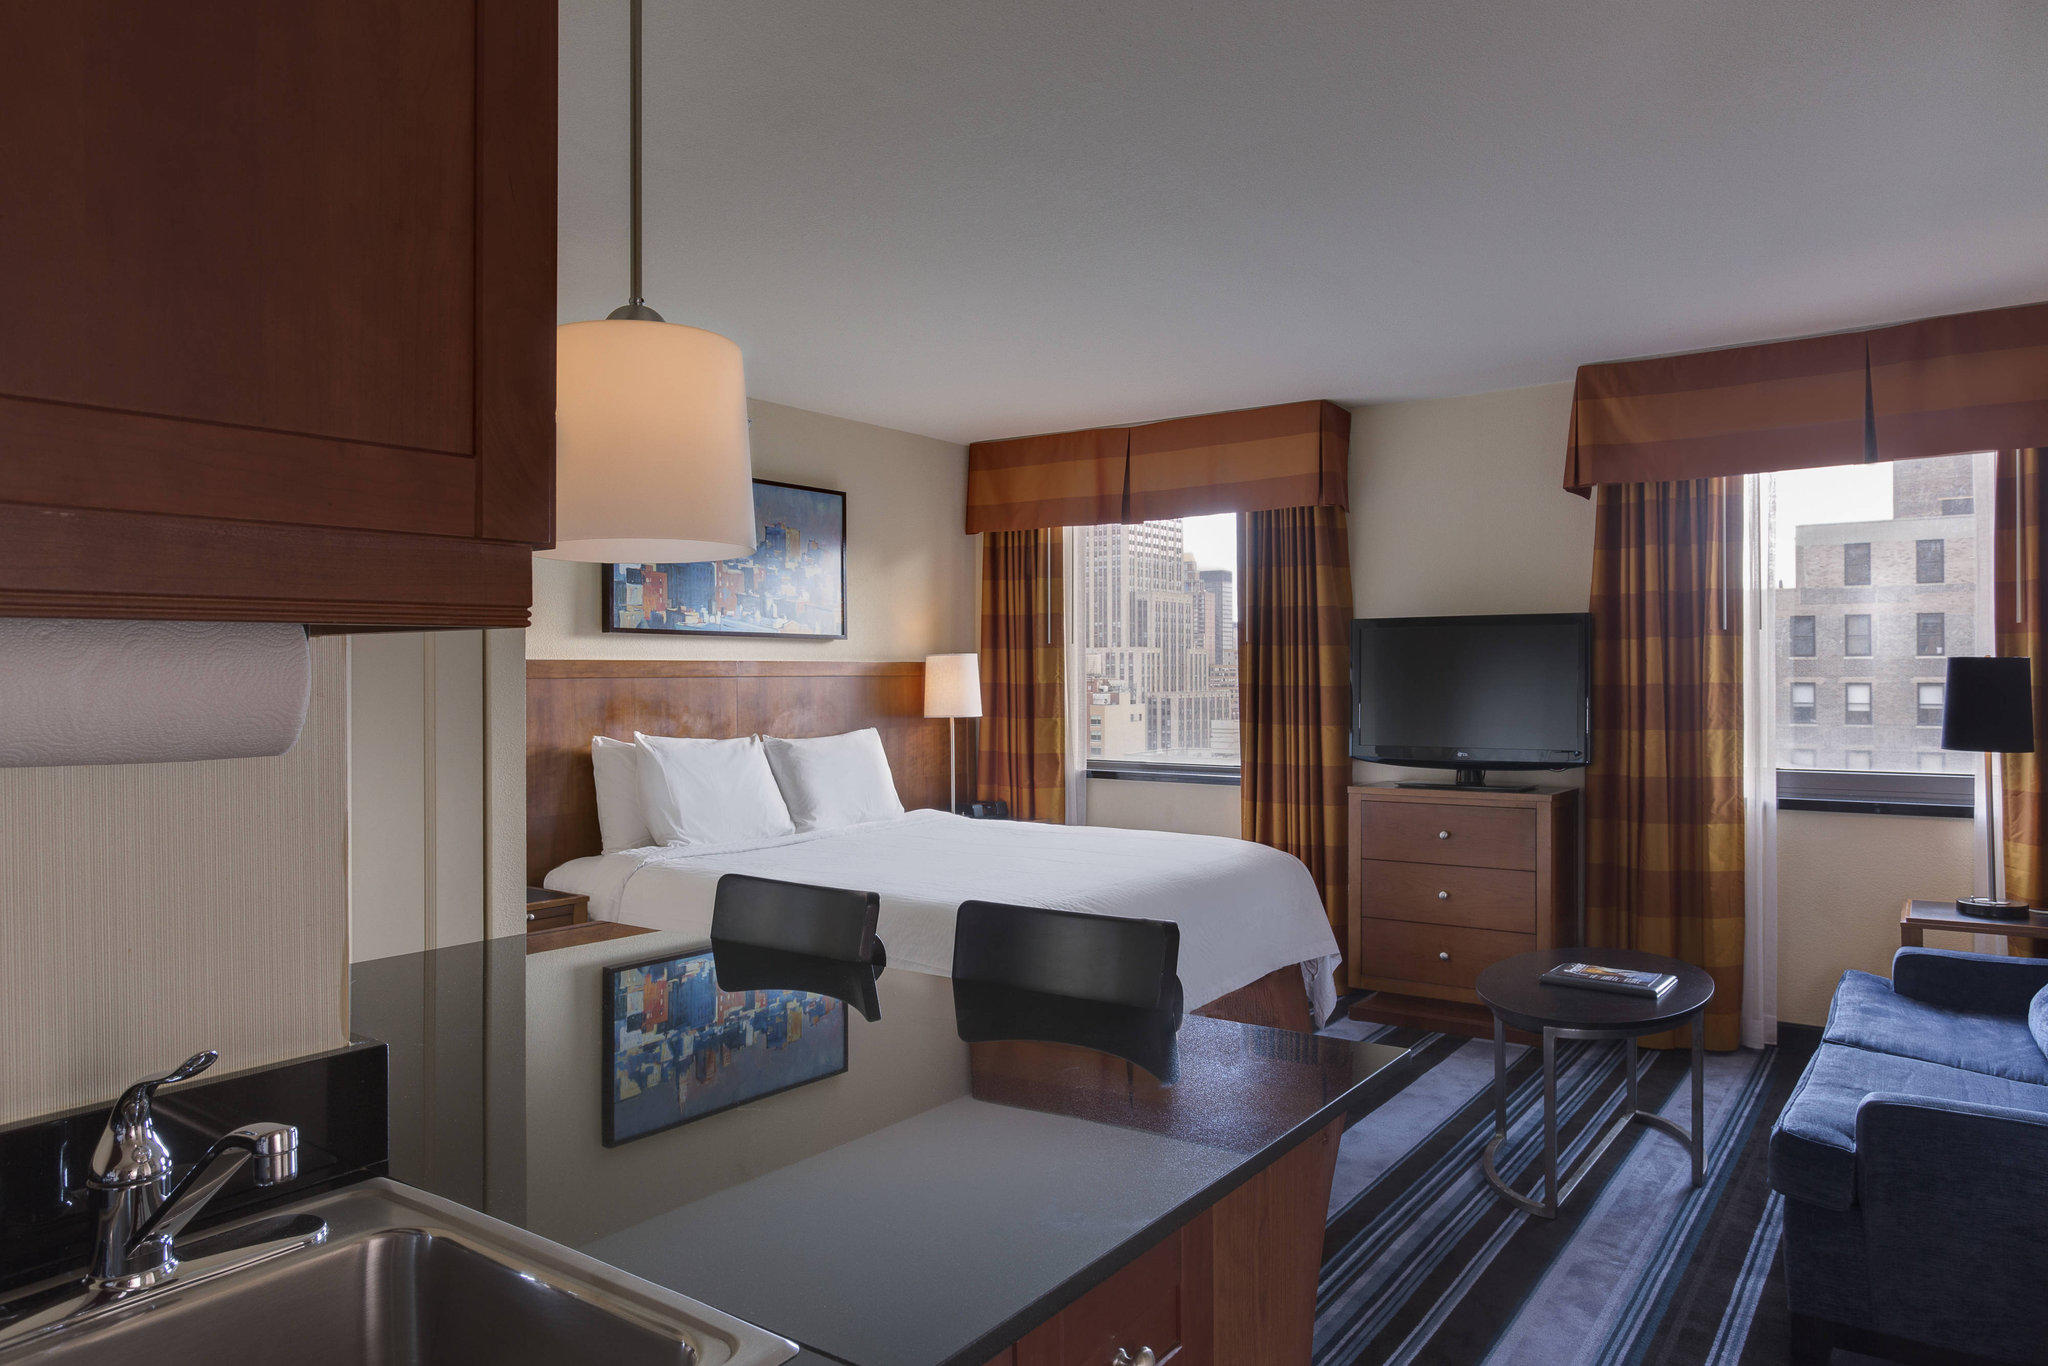 Residence Inn by Marriott New York Manhattan/Times Square